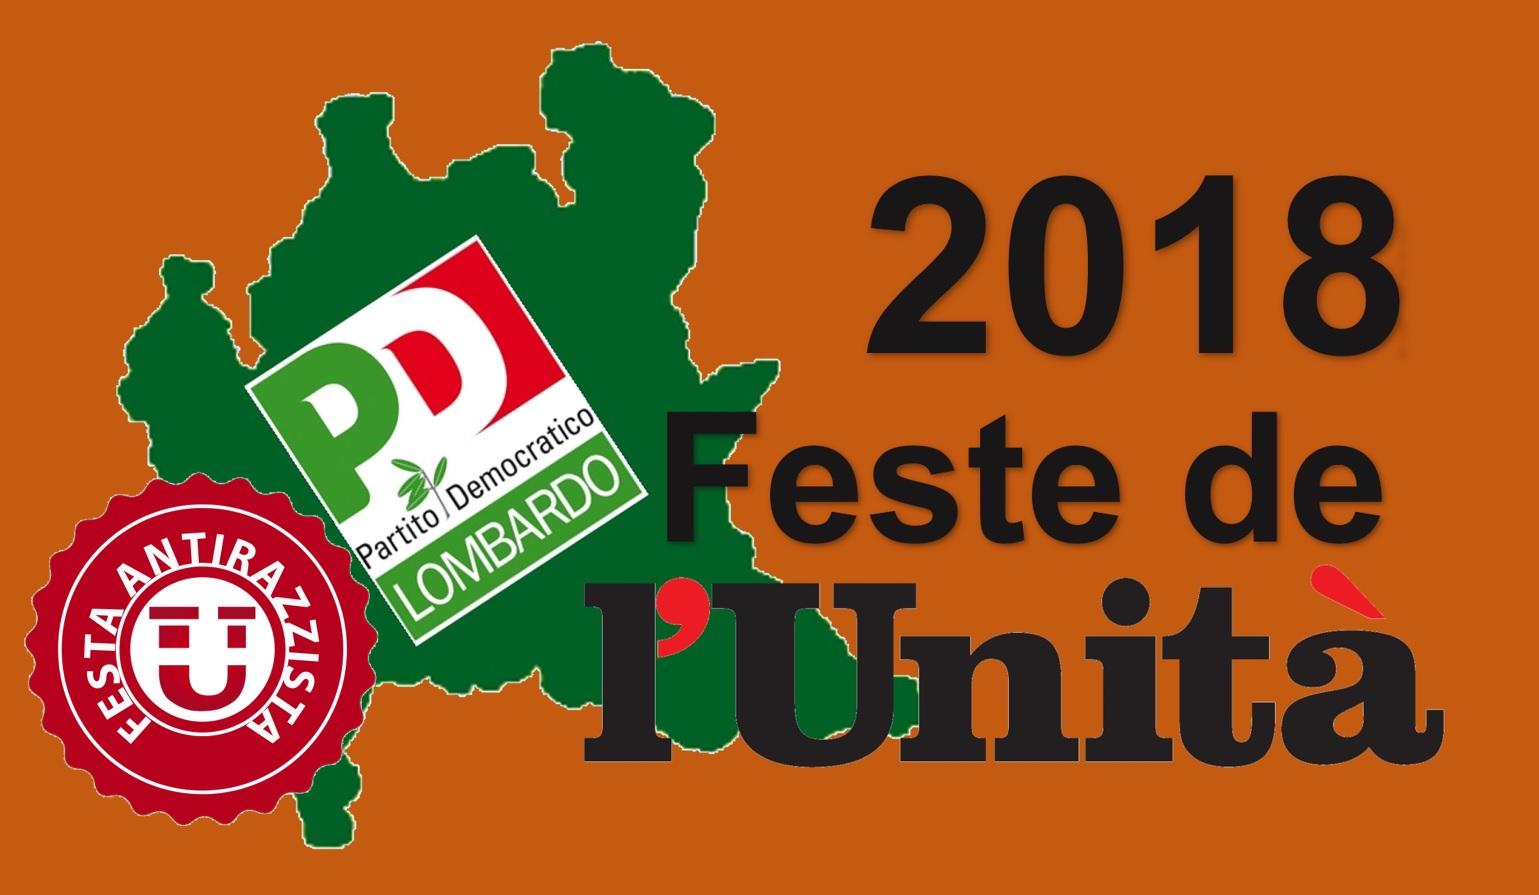 Le Feste de L'Unità 2018 in Lombardia